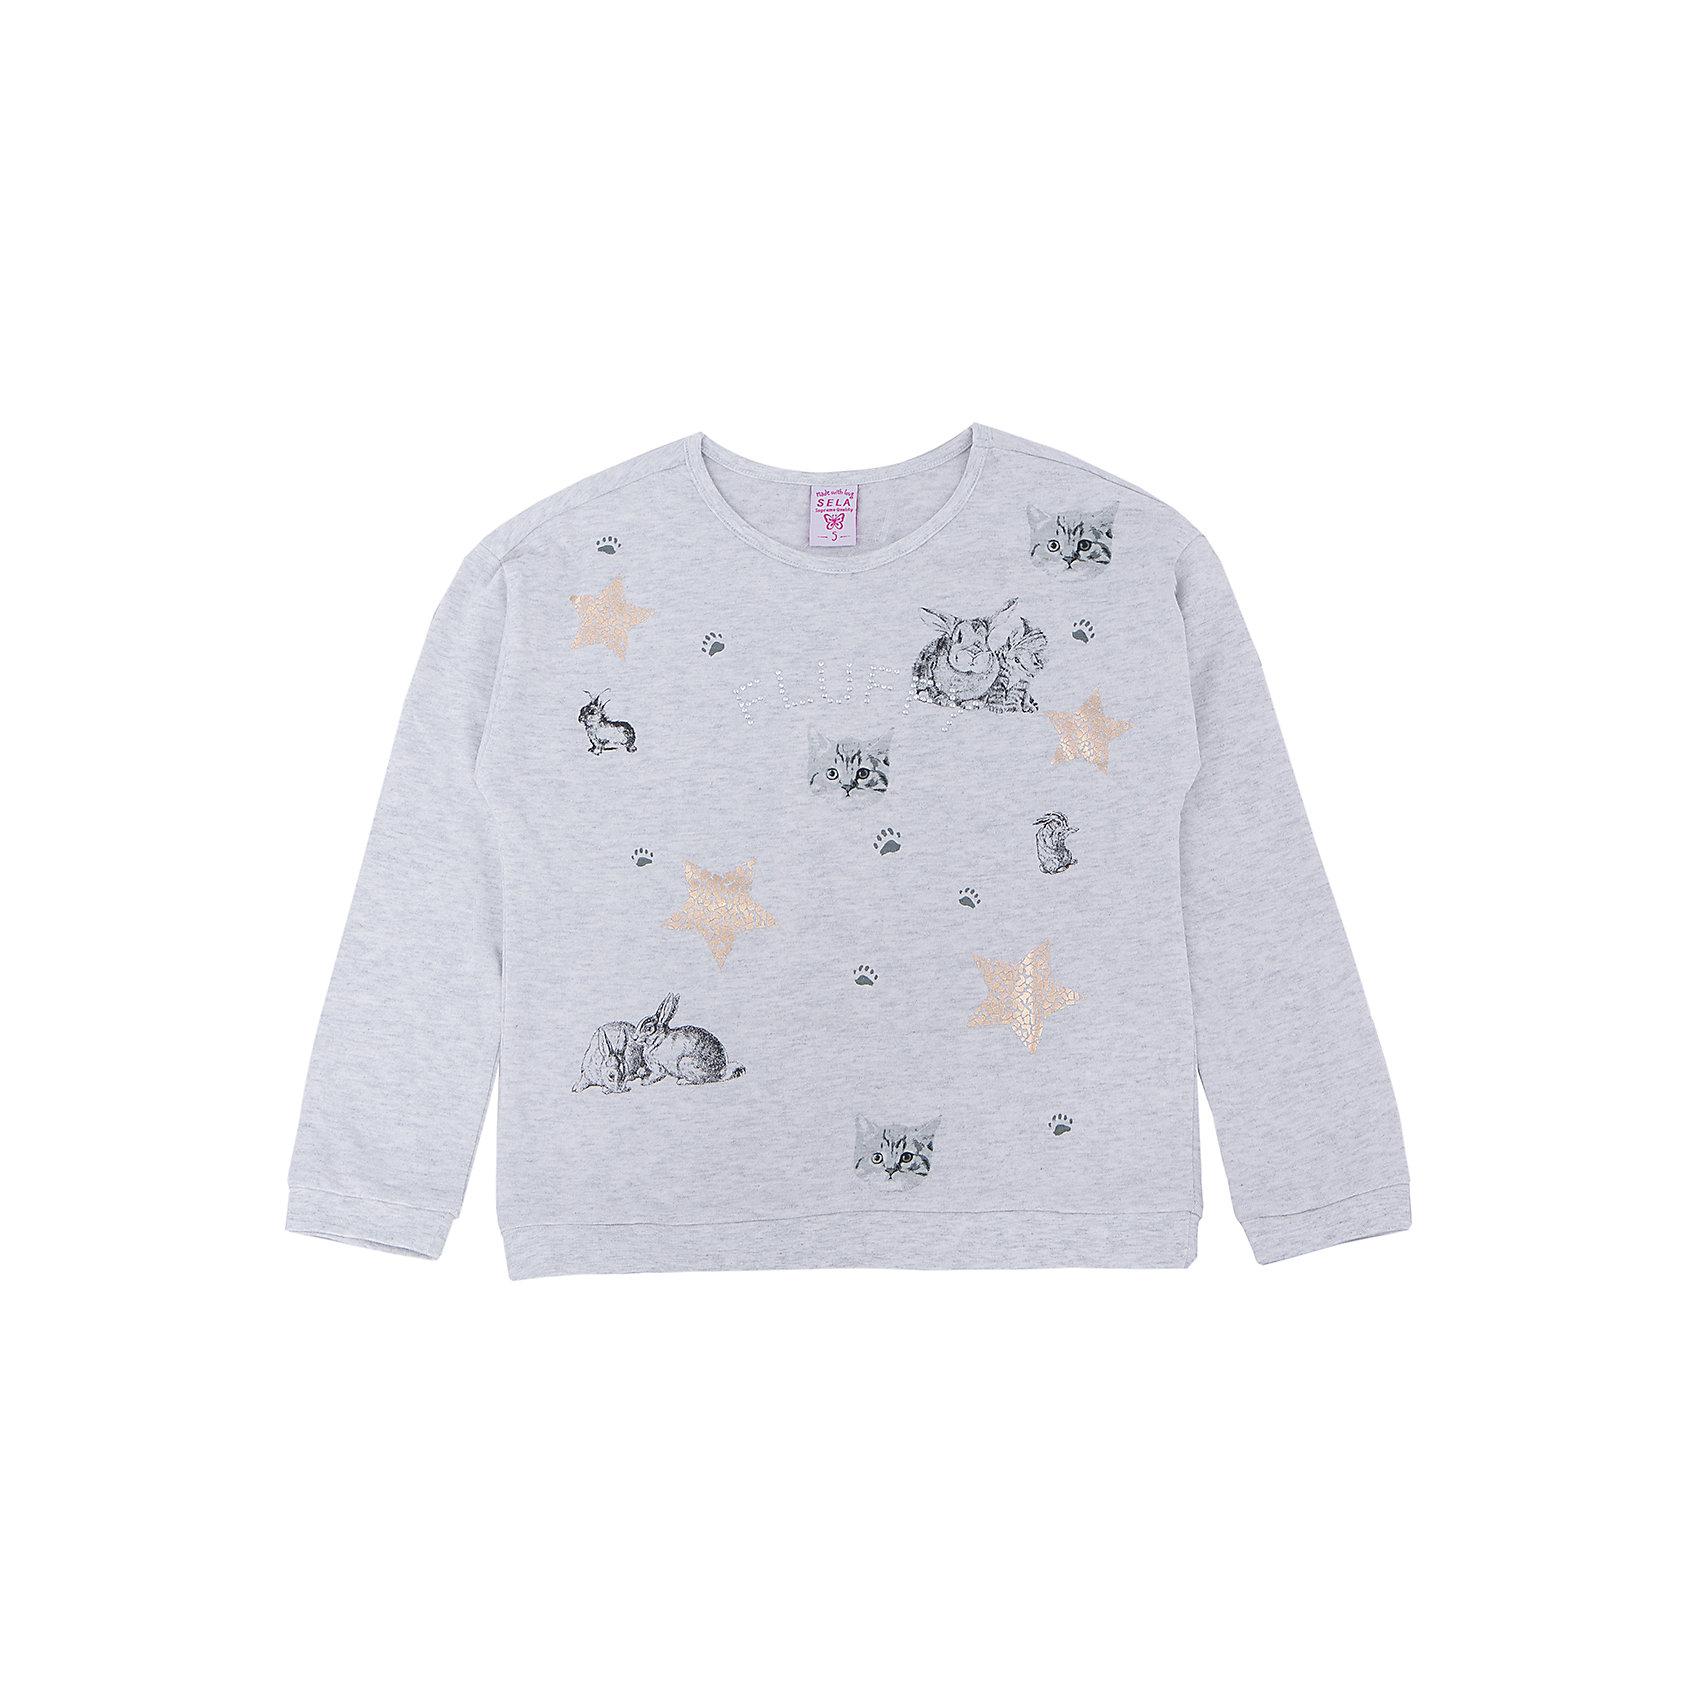 Толстовка для девочки SELAТолстовки<br>Толстовка  для девочки из коллекции осень-зима 2016-2017 от известного бренда SELA. Удобный хлопковый джемпер на каждый день. Приятный светло-серый цвет и рисунки кроликов и котят придут по вкусу модницам и любительницам животных. Джемпер отлично подойдет к юбкам и к джинсам.<br><br>Дополнительная информация:<br>- Длина: слегка укороченная<br>- Рукав: длинный, спущенное плечо<br>- Силуэт: прямой, свободный<br>Состав: 100% хлопок <br><br>Джемпер для девочек Sela можно купить в нашем интернет-магазине.<br><br>Подробнее:<br>• Для детей в возрасте: от 2 до 6 лет<br>• Номер товара: 4913439<br>Страна производитель: Китай<br><br>Ширина мм: 190<br>Глубина мм: 74<br>Высота мм: 229<br>Вес г: 236<br>Цвет: серый<br>Возраст от месяцев: 36<br>Возраст до месяцев: 48<br>Пол: Женский<br>Возраст: Детский<br>Размер: 104,116,110,92,98<br>SKU: 4913438